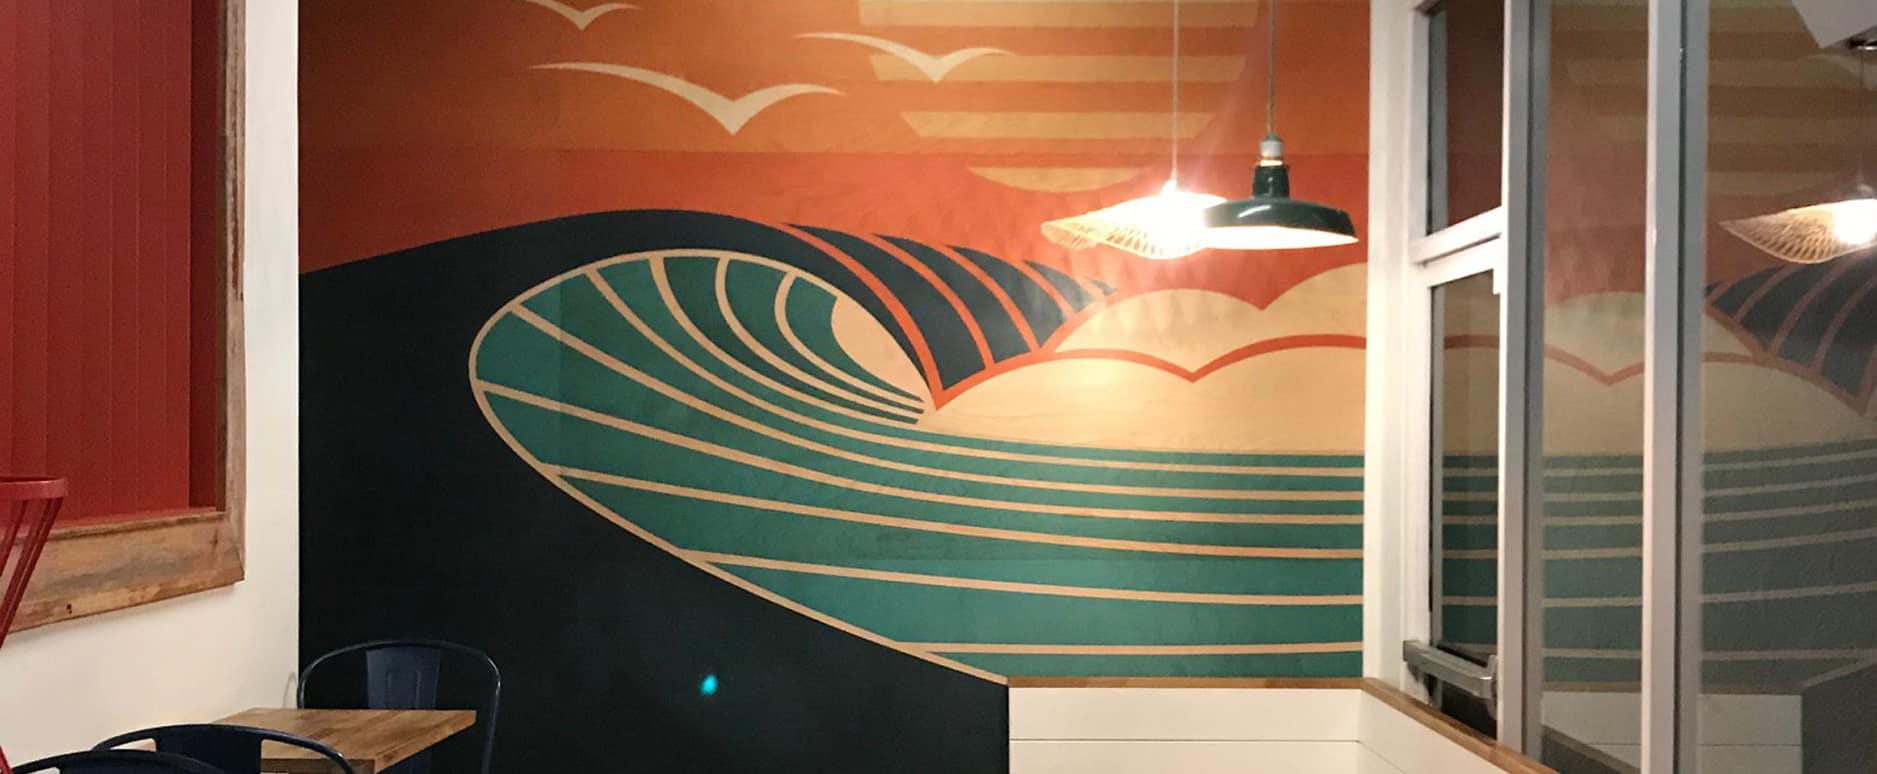 San Diego art, Wood Mural, Shaun Thomas, Surf Art